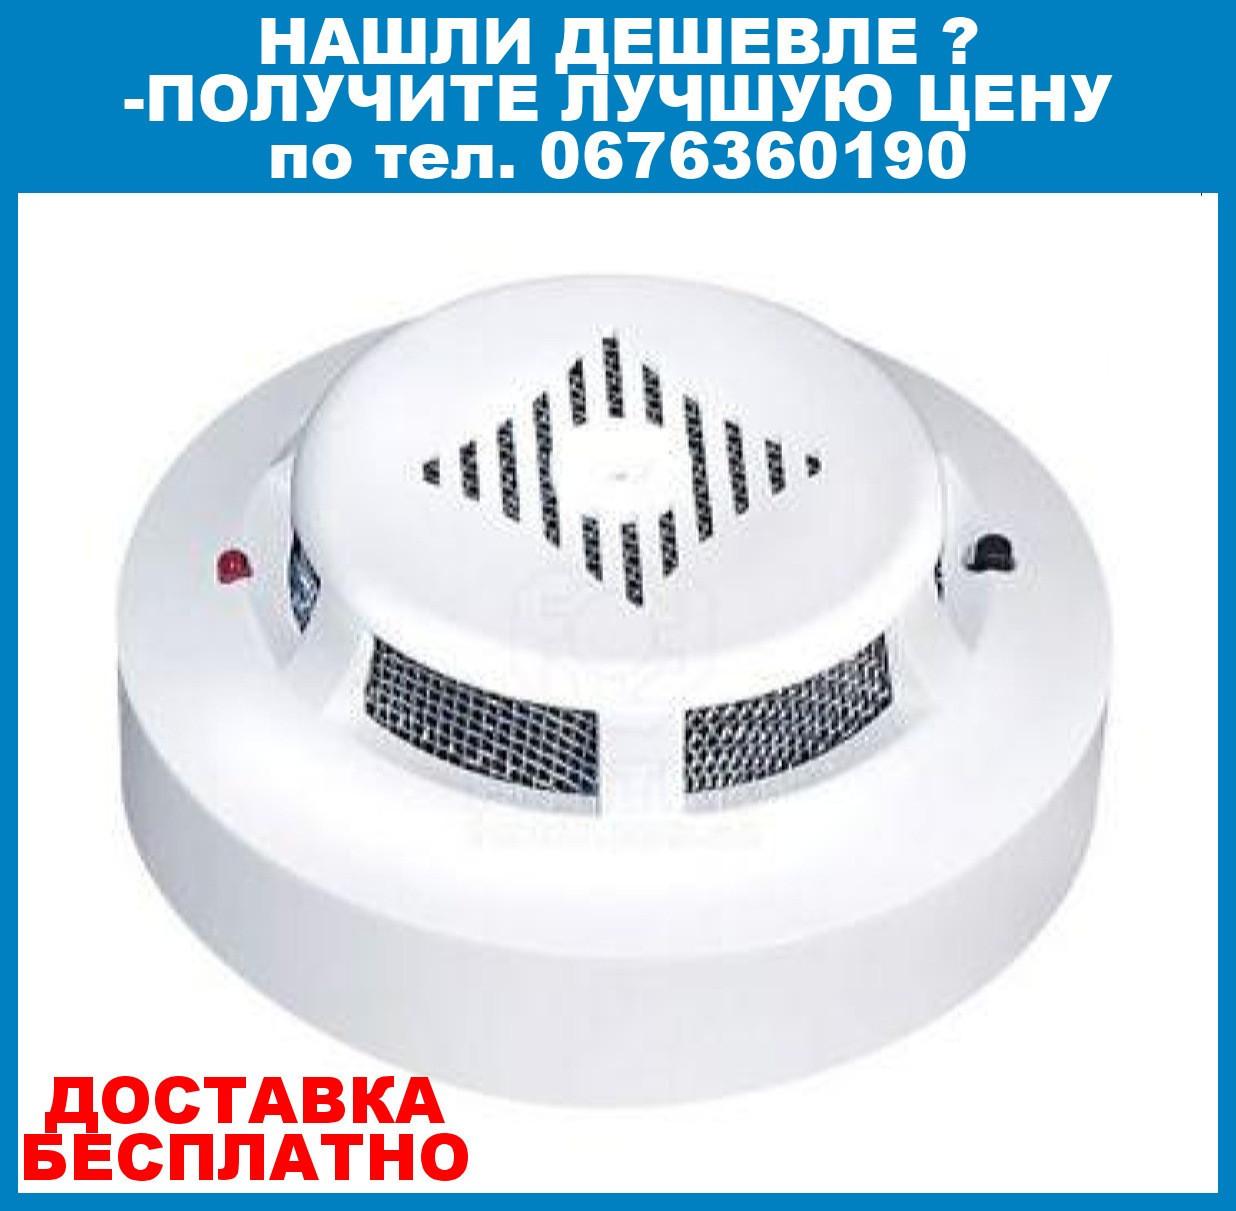 СПД-3.10 Проводной дымовой пожарный извещатель